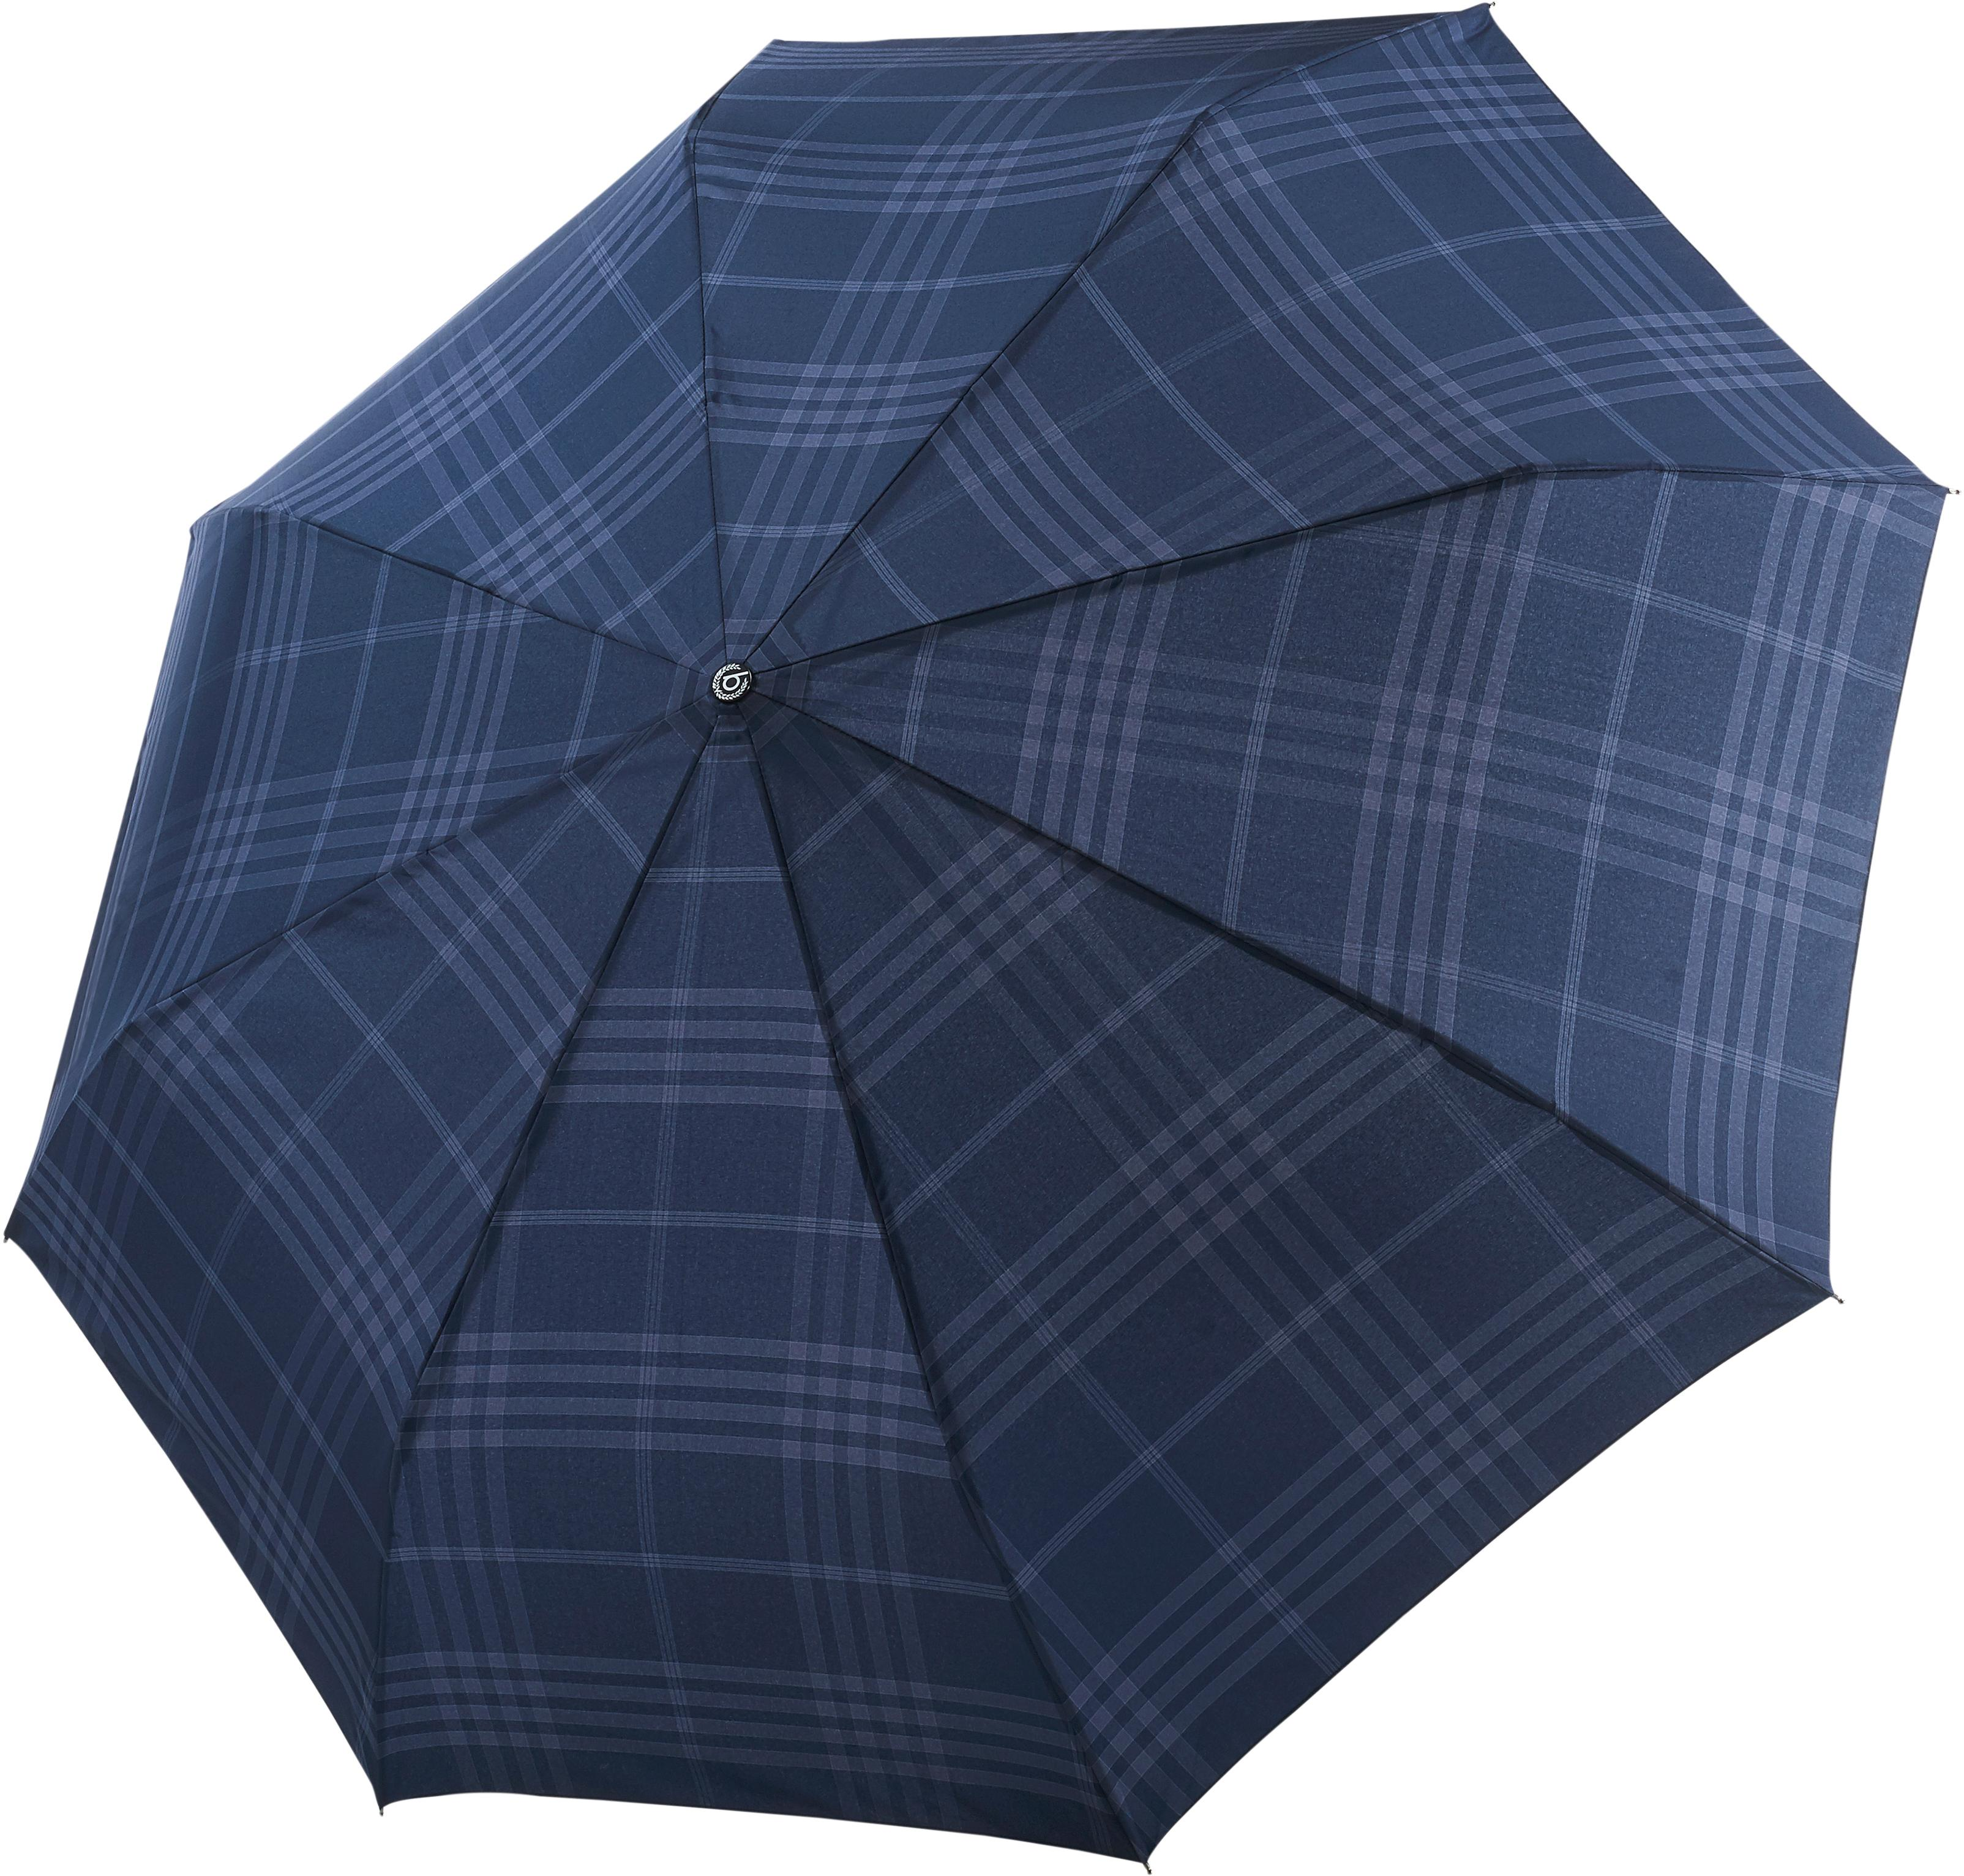 Taschenregenschirm Taschenschirm GRAN TURISMO | Accessoires > Regenschirme > Taschenschirme